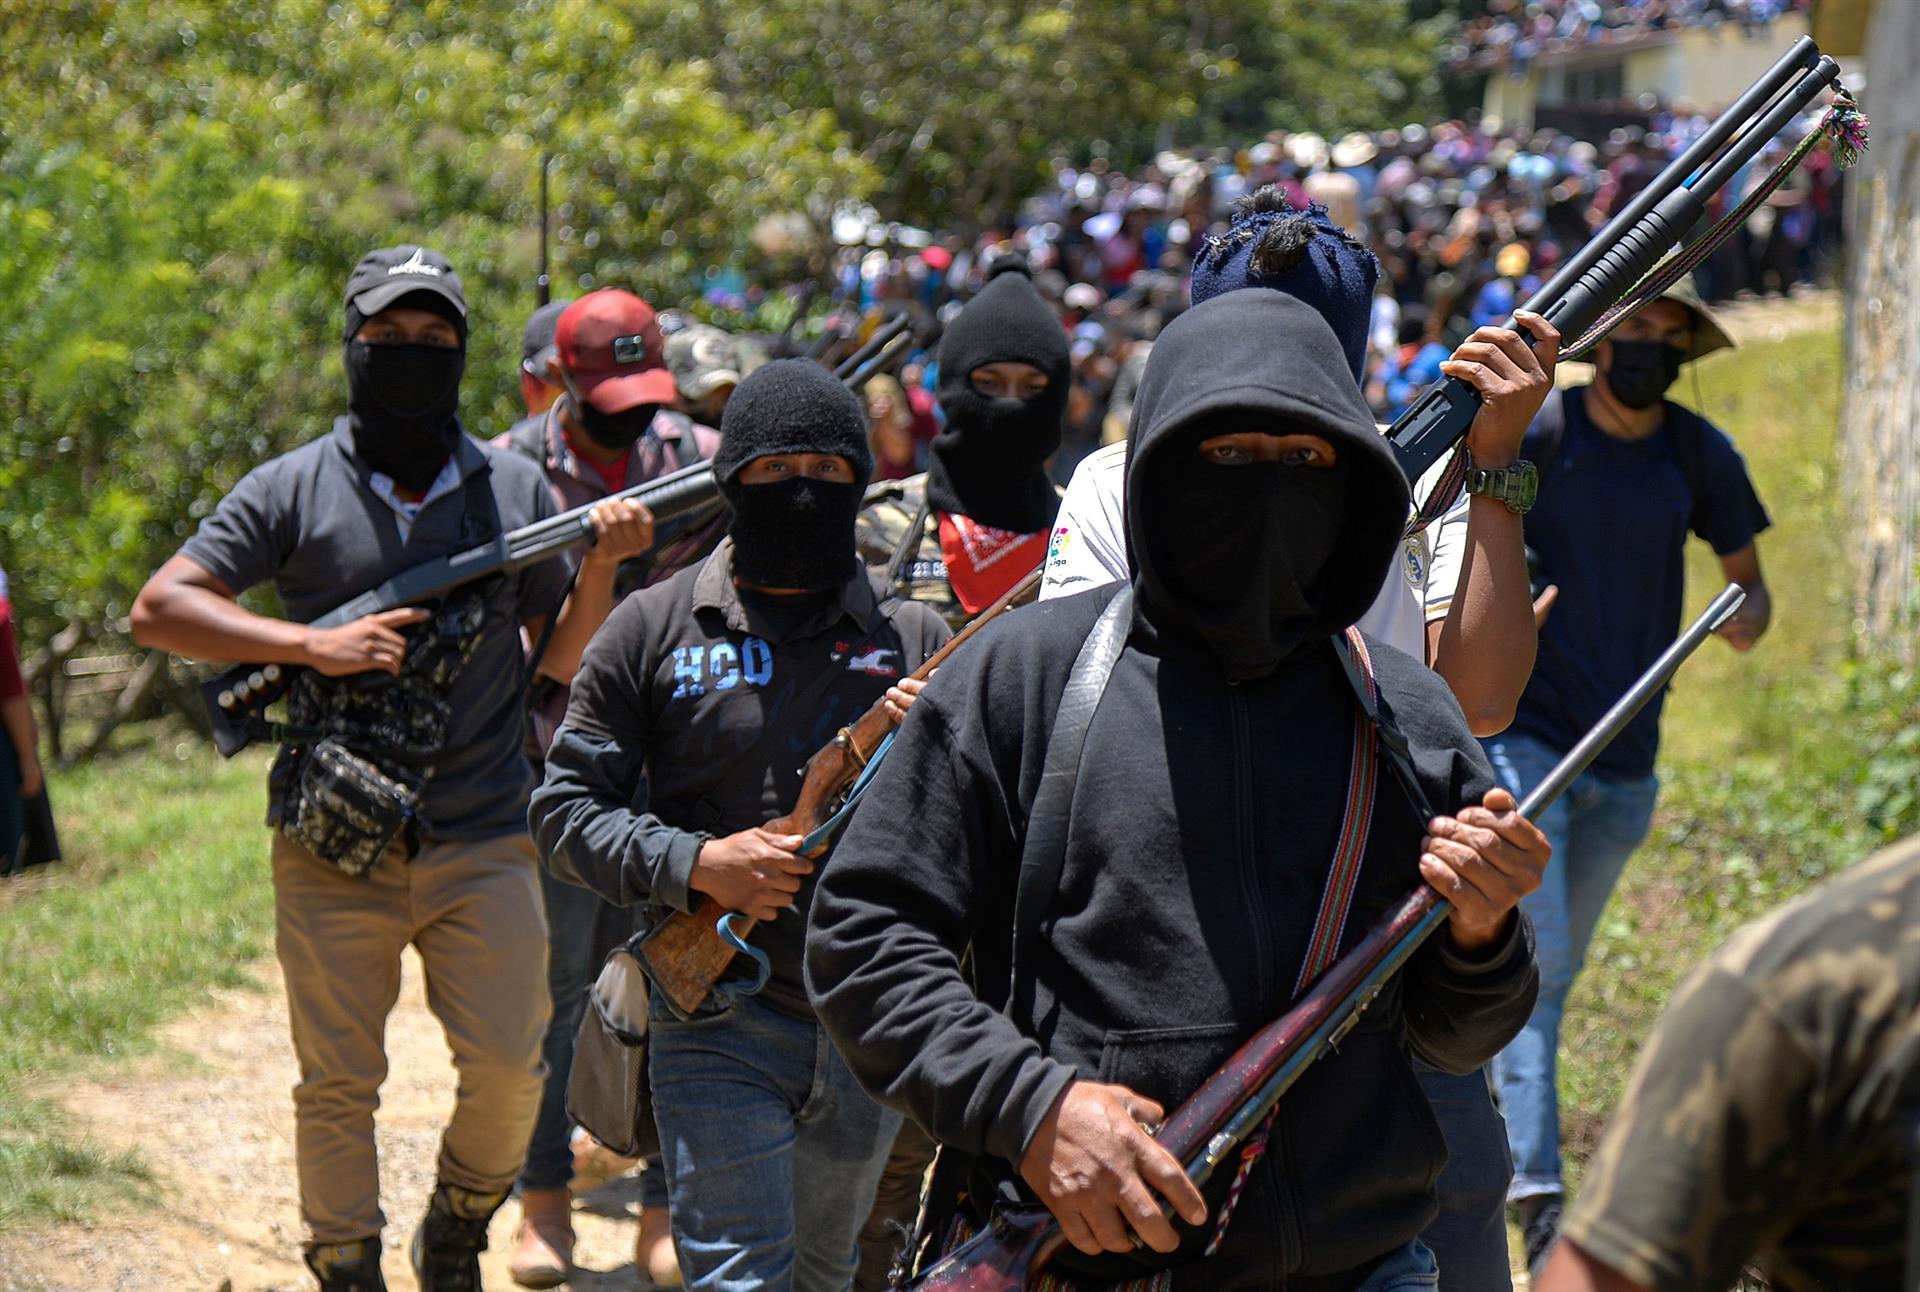 Que sabemos del grupo de civiles armados que surgió en Chiapas, México - Prensa Libre